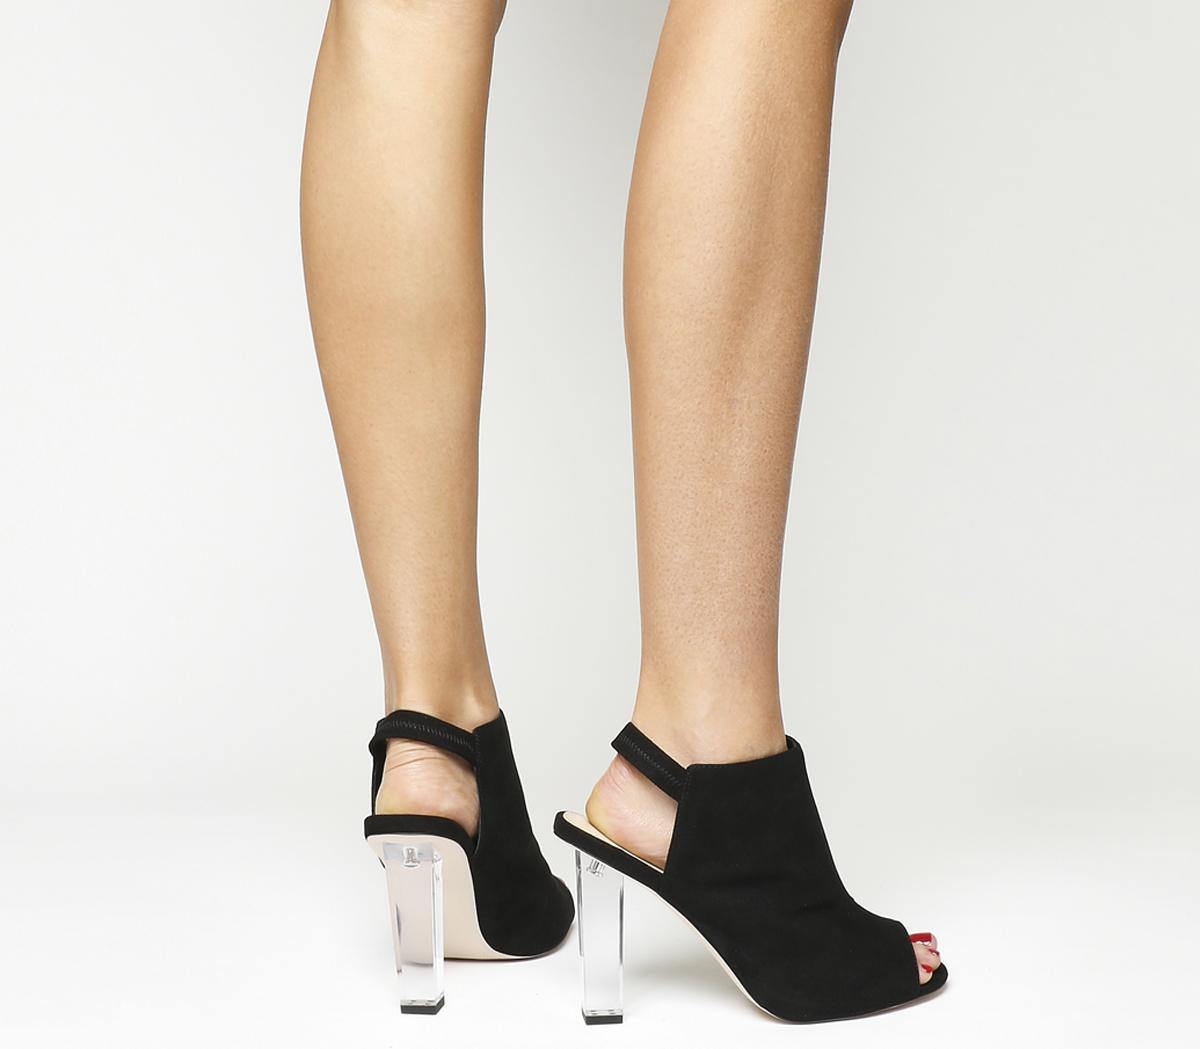 Haughty Clear Heel Shoe Boots